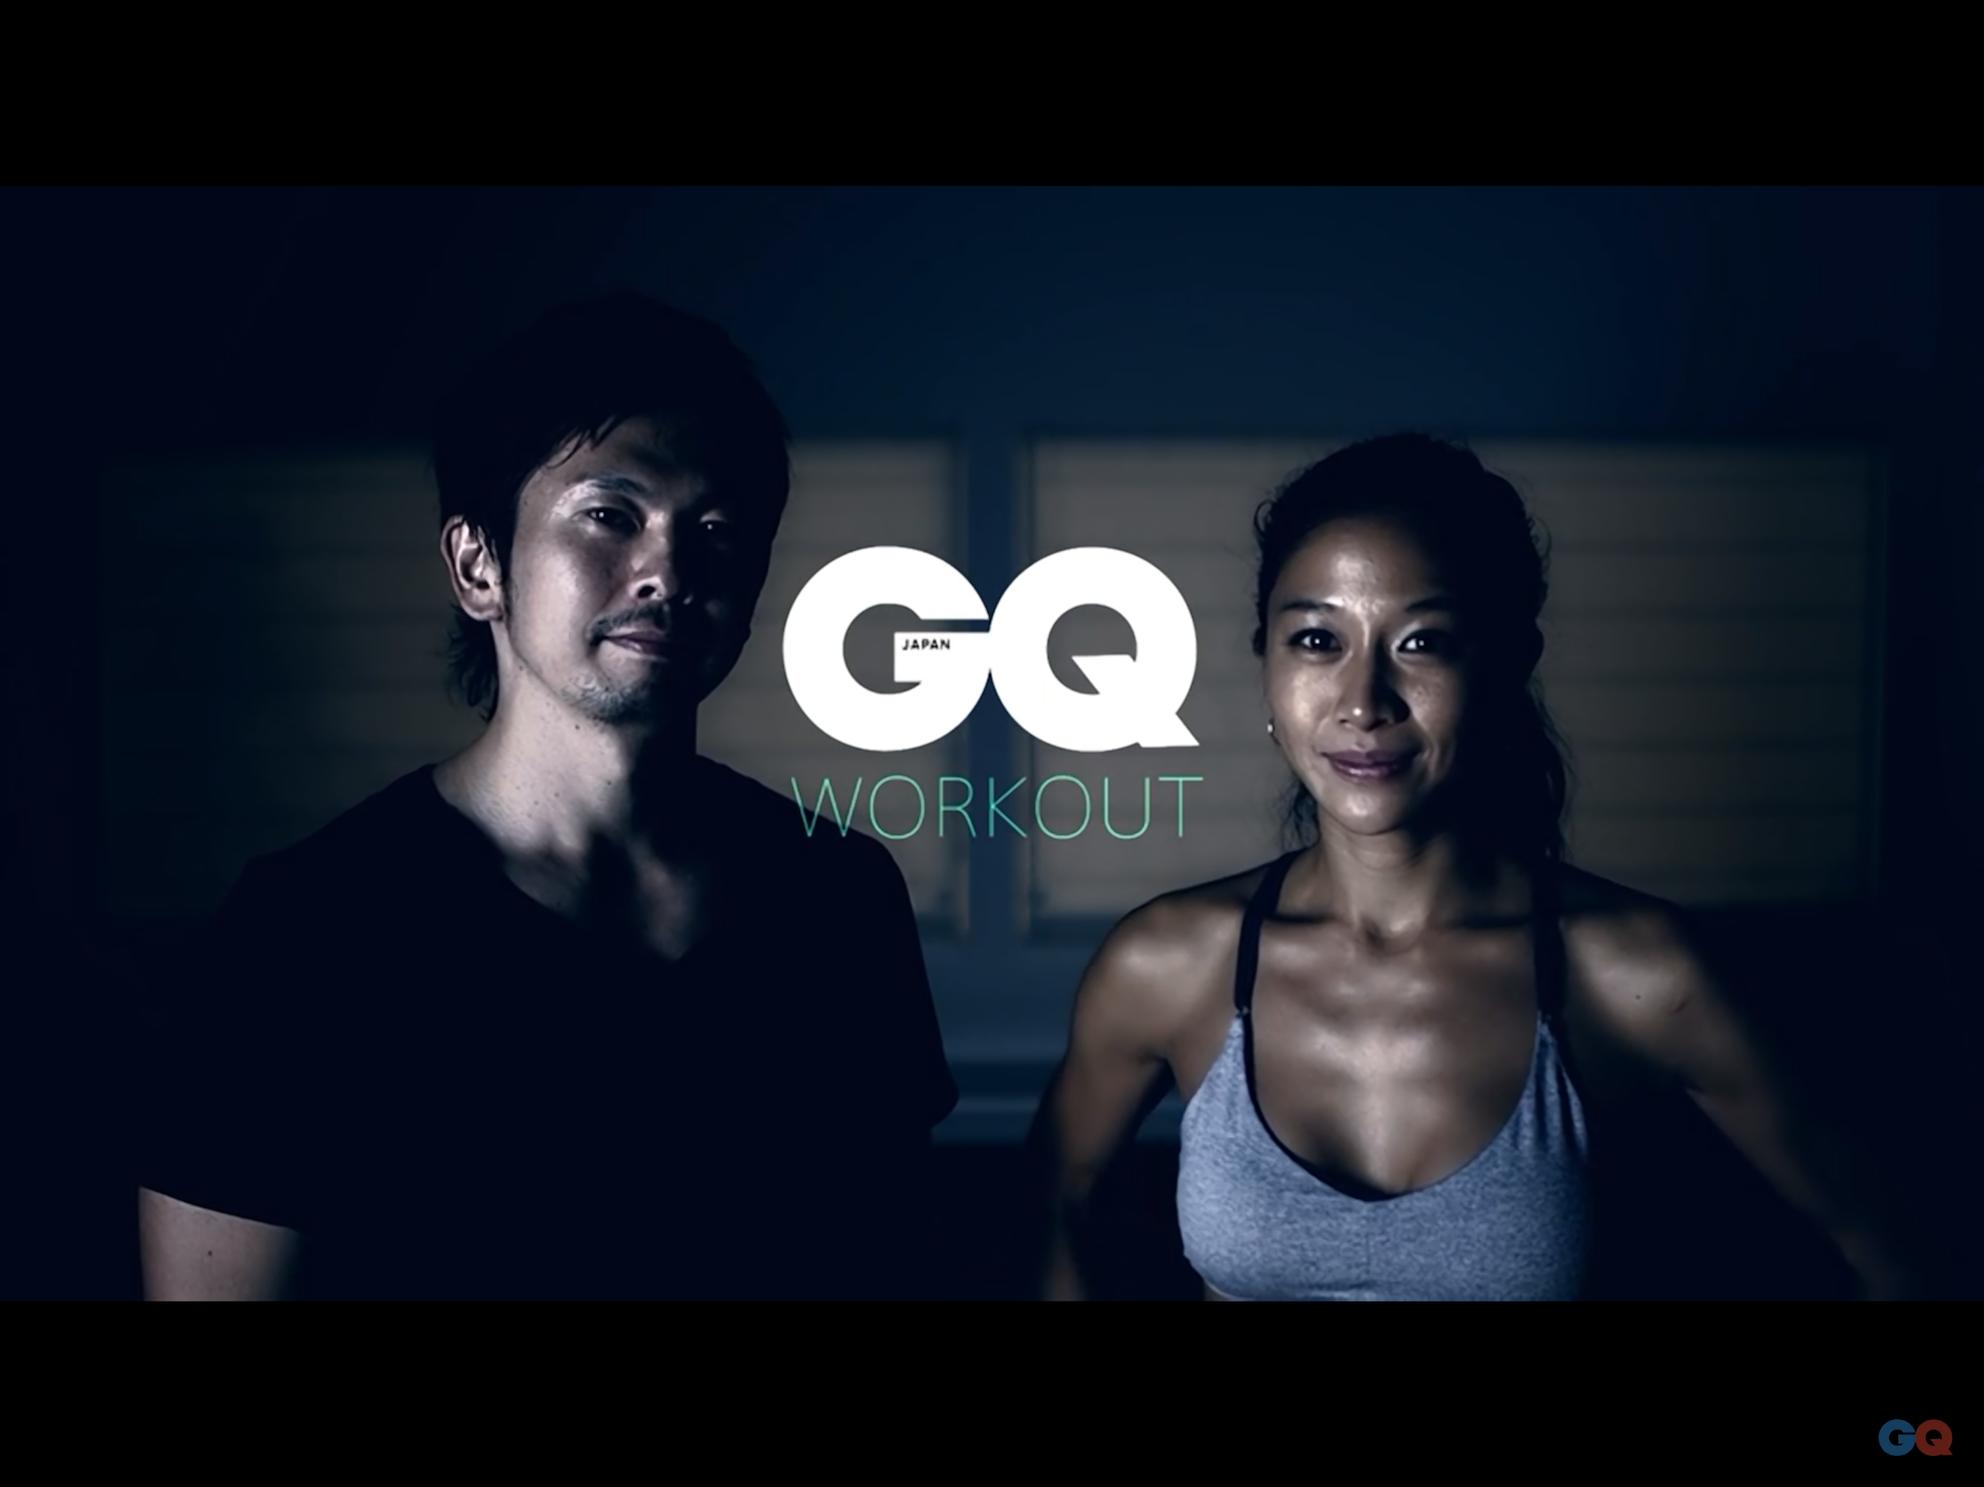 岡本隼人監修・出演のGQ Video にて GQ WORKOUT を公開